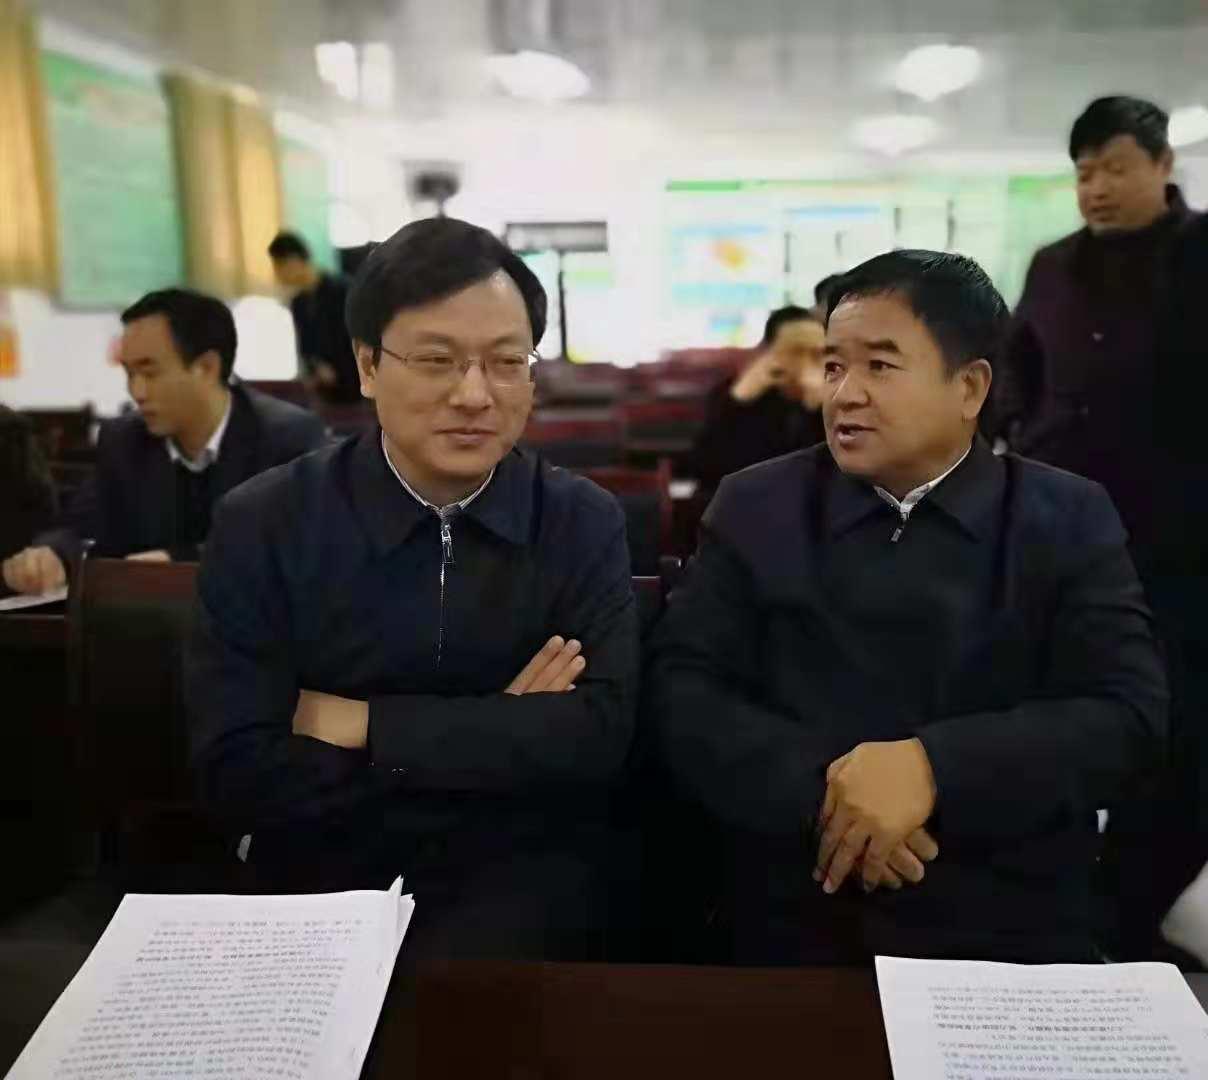 河南省许昌市供销社到郓城考察学习 为农服务中心建设经验